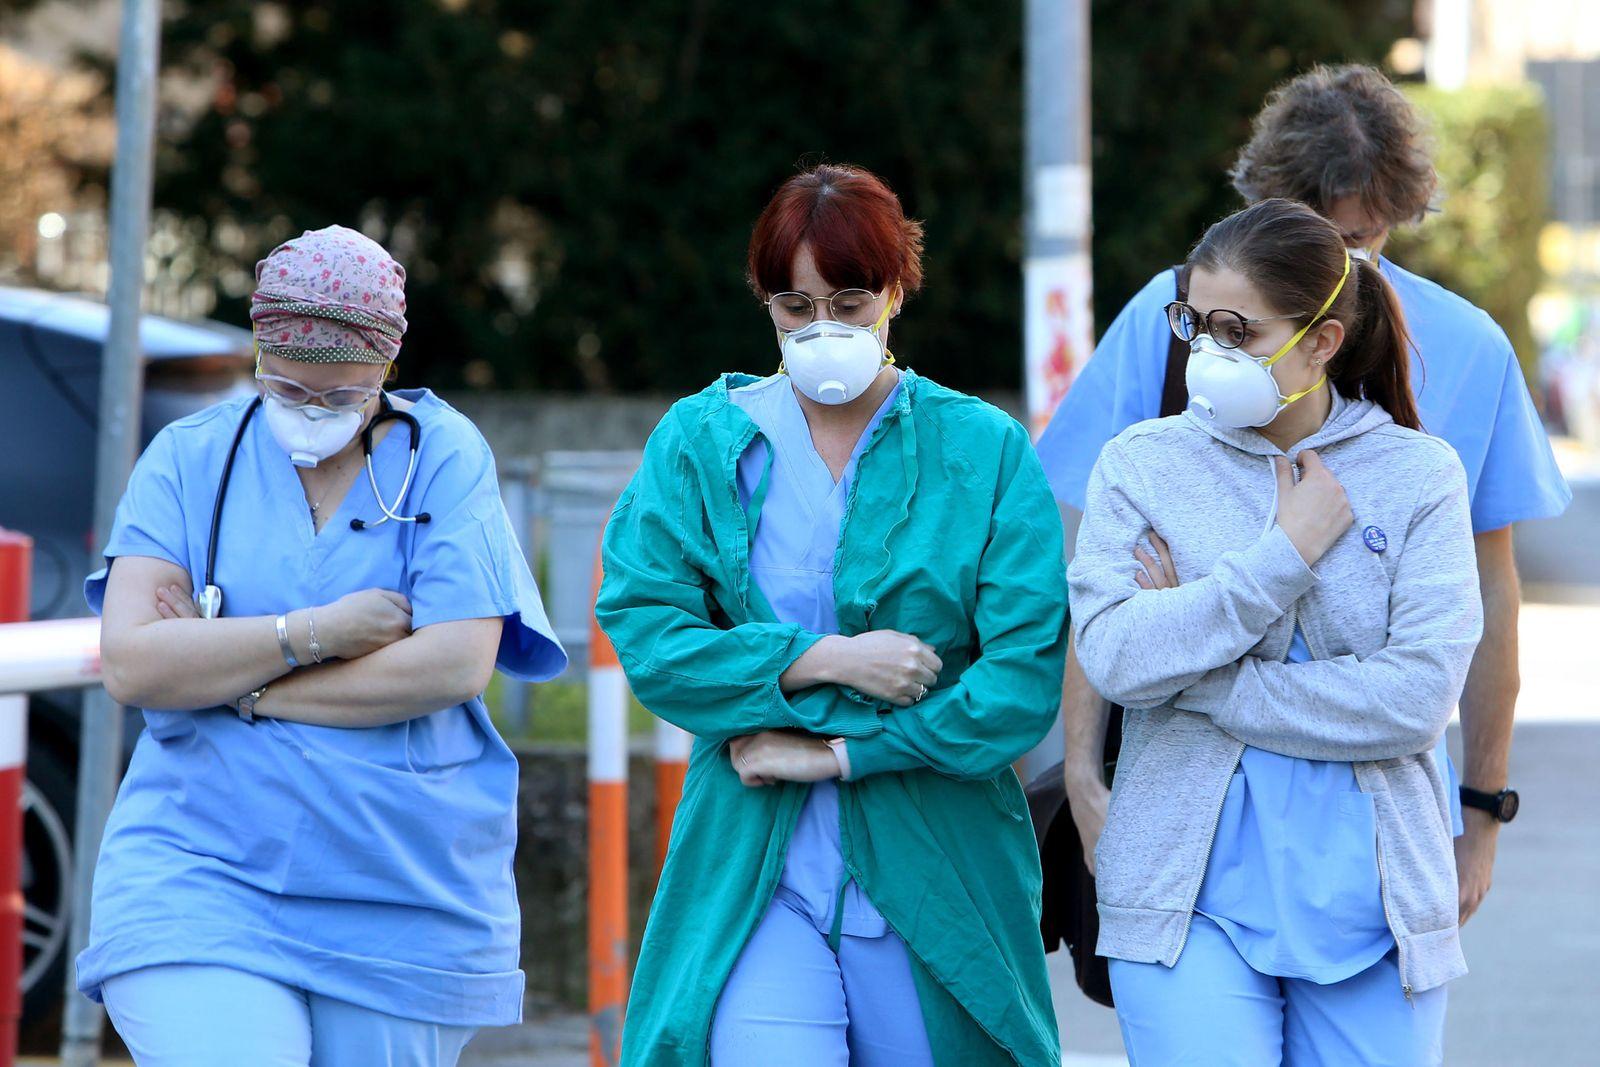 Coronavirus in Italy, Padua - 22 Feb 2020